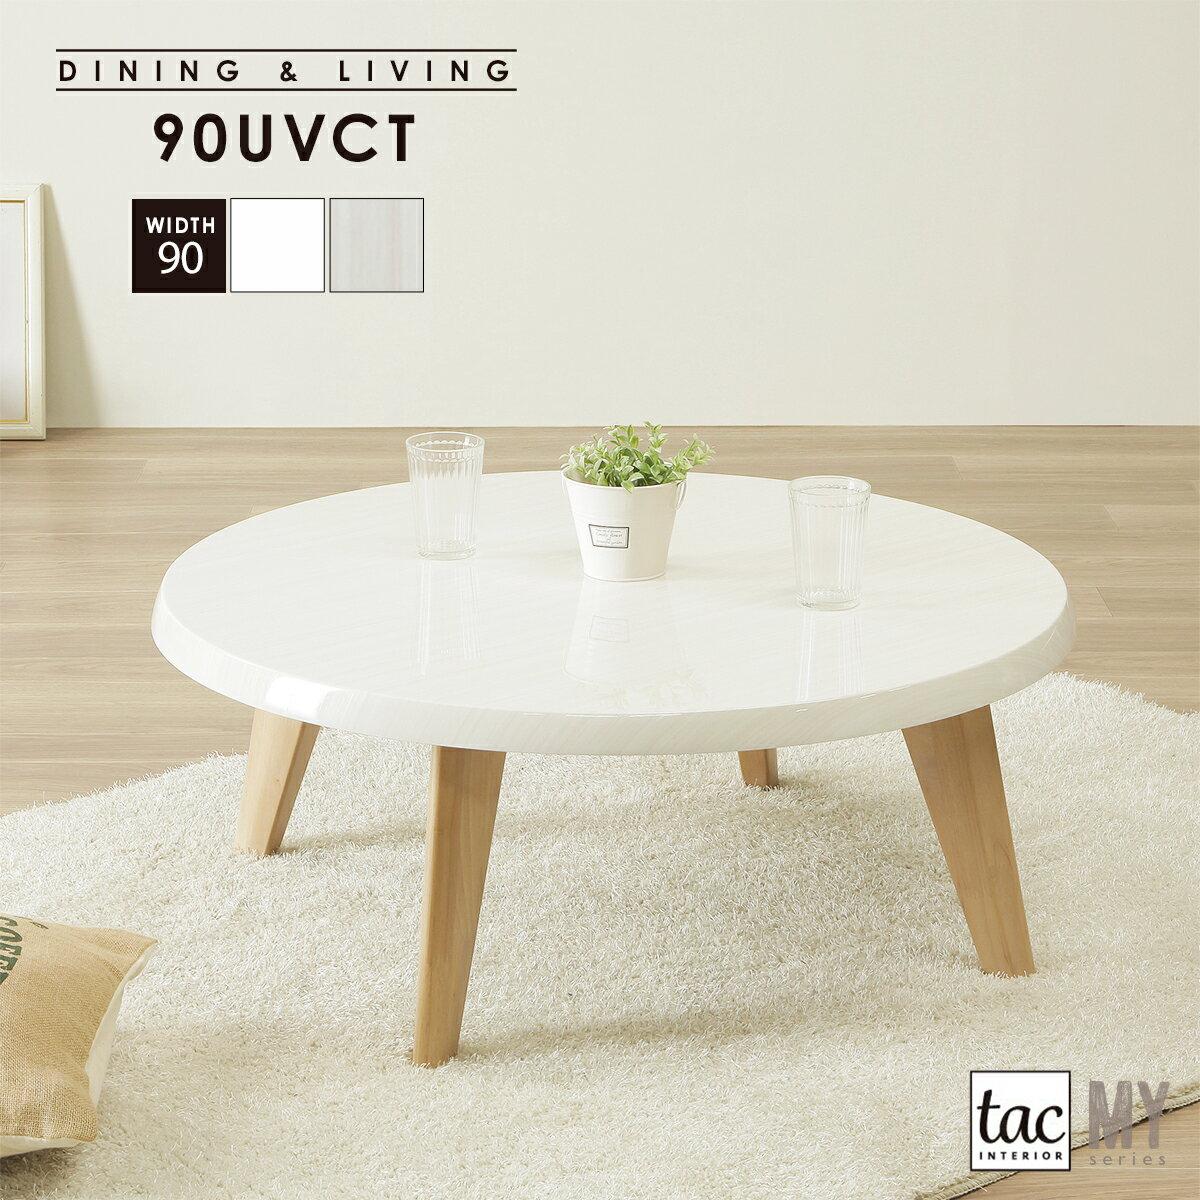 ローテーブル 北欧 センターテーブル 白 ローテーブル ホワイト 幅 90cm リビング テーブル 丸 コンパクト 白 小さい テーブル 北欧 鏡面 丸 ローテーブル 北欧 白 ミニ おしゃれ 丸 ホワイト 小さめ 小さい センターテーブル テーブル 高さ 35cm